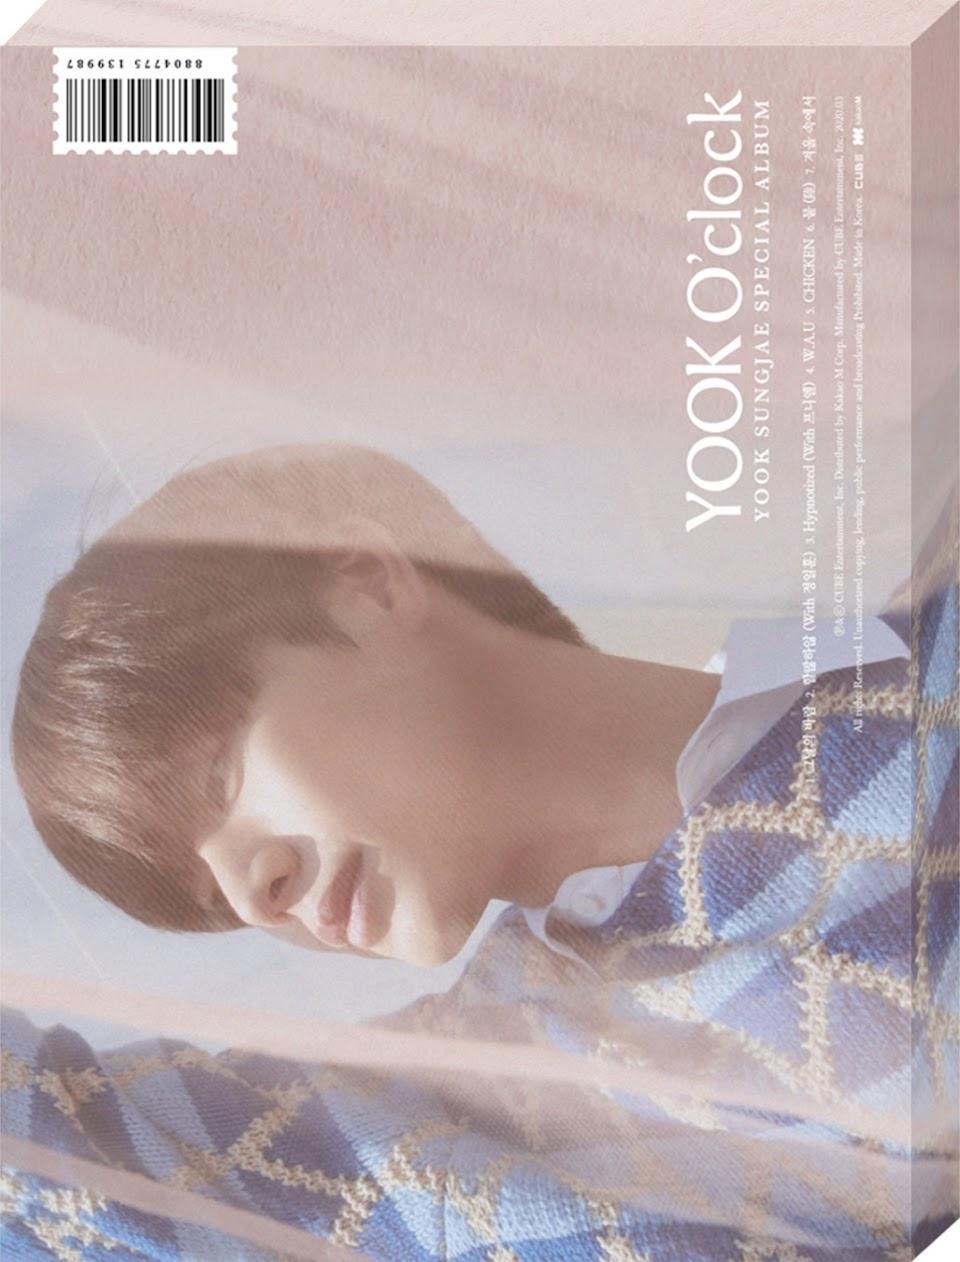 yook sung jae cube album